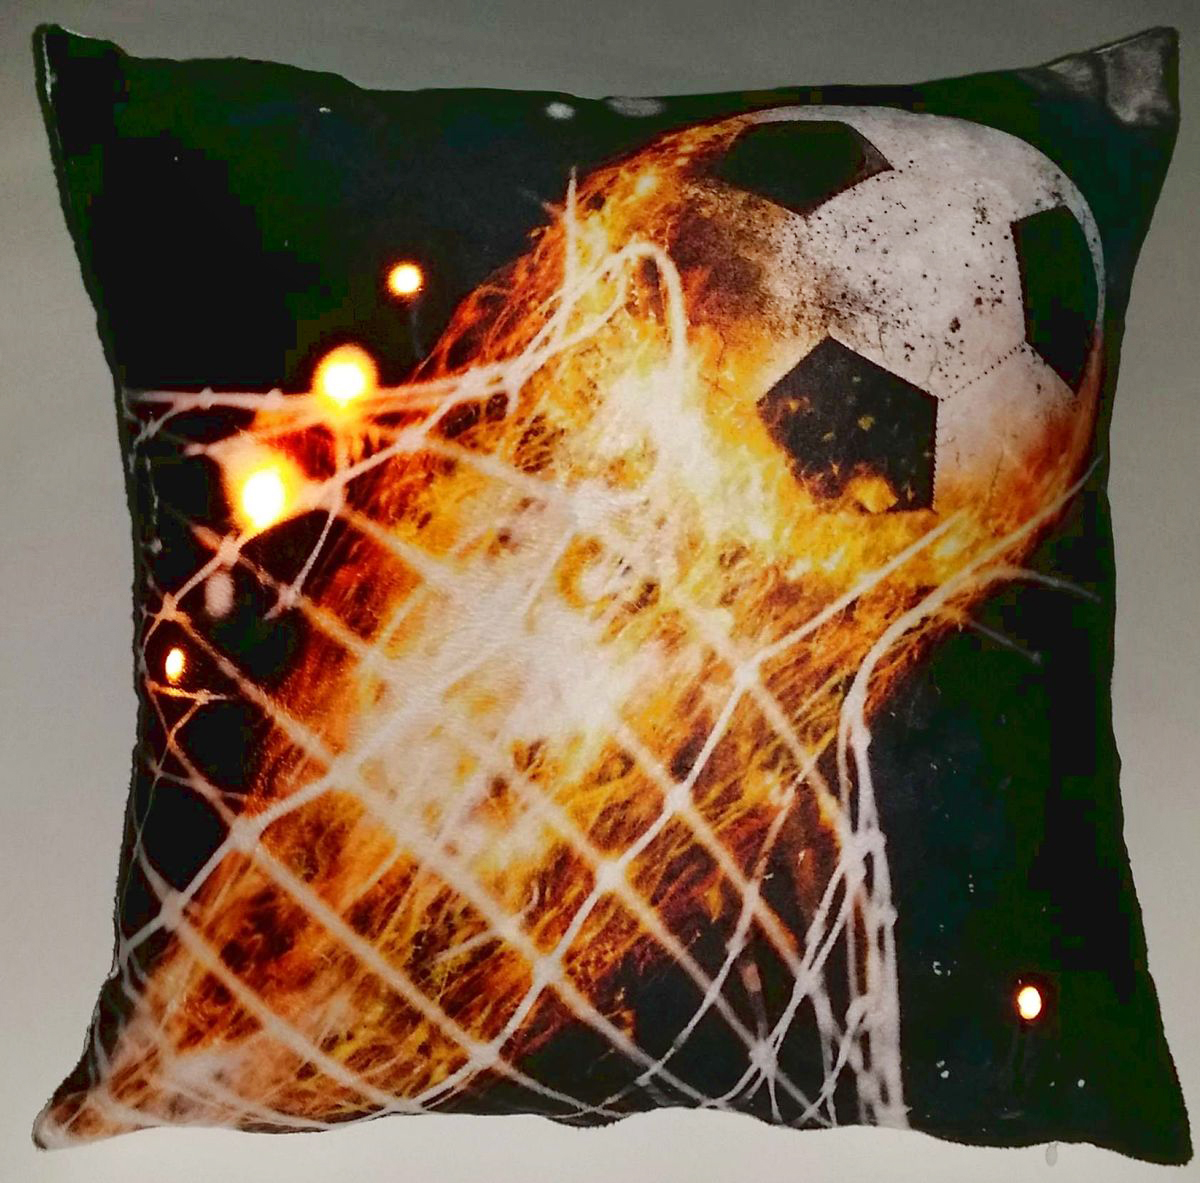 Подушка декоративная Led, со светодиодами, 40 х 40 см. 175061 подушка декоративная home queen 40 х 40 см